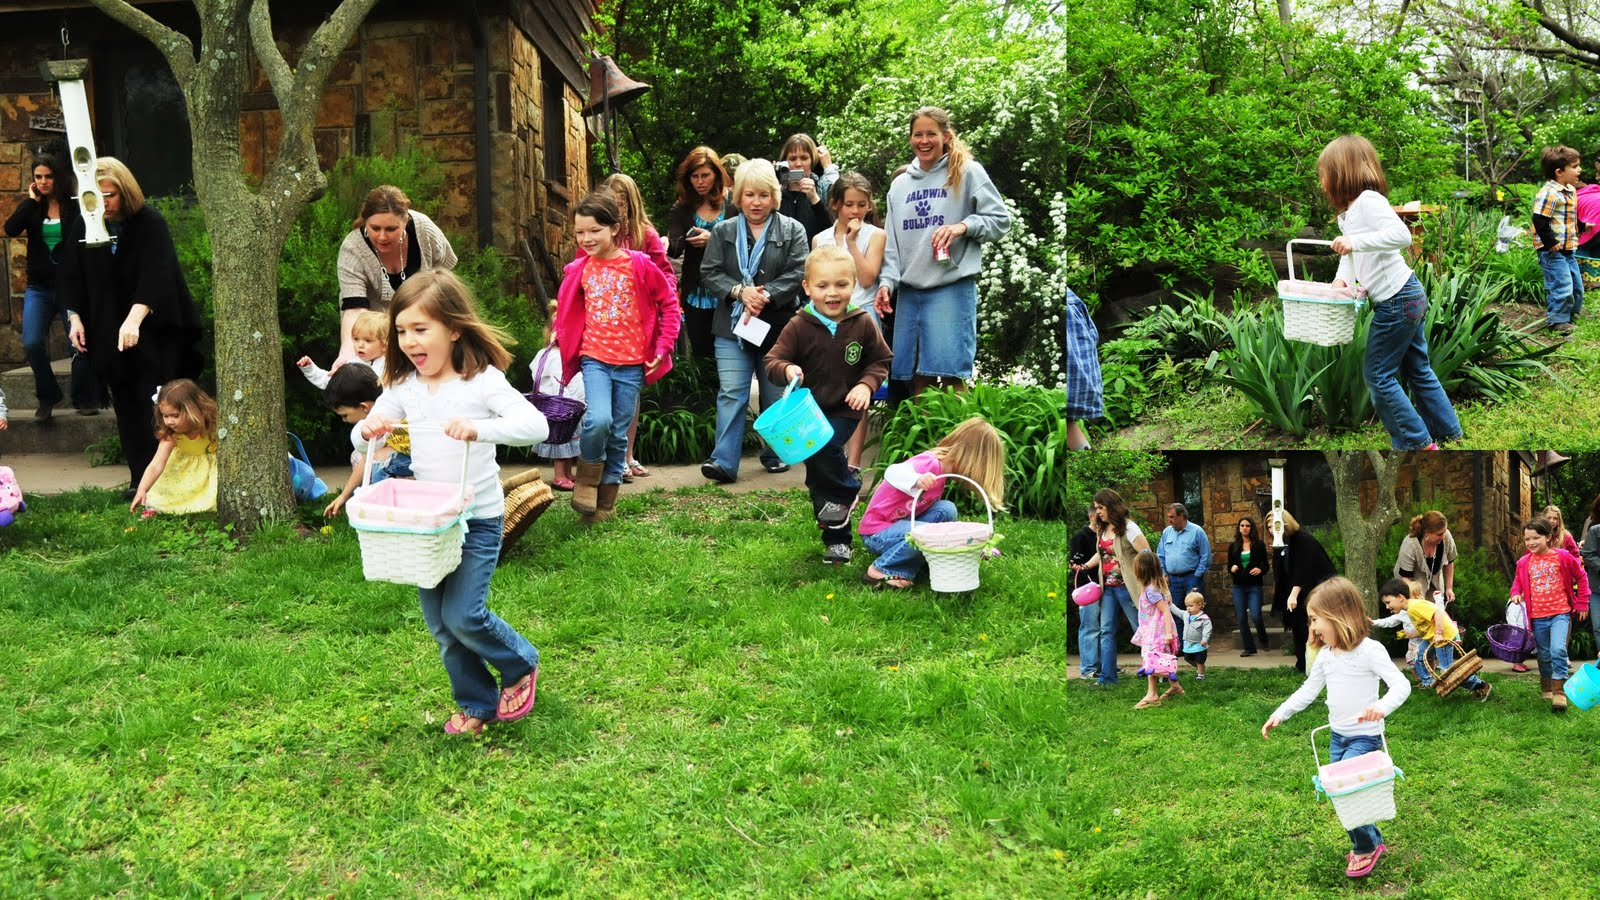 The Howell Family Easter Egg Hunt 2011